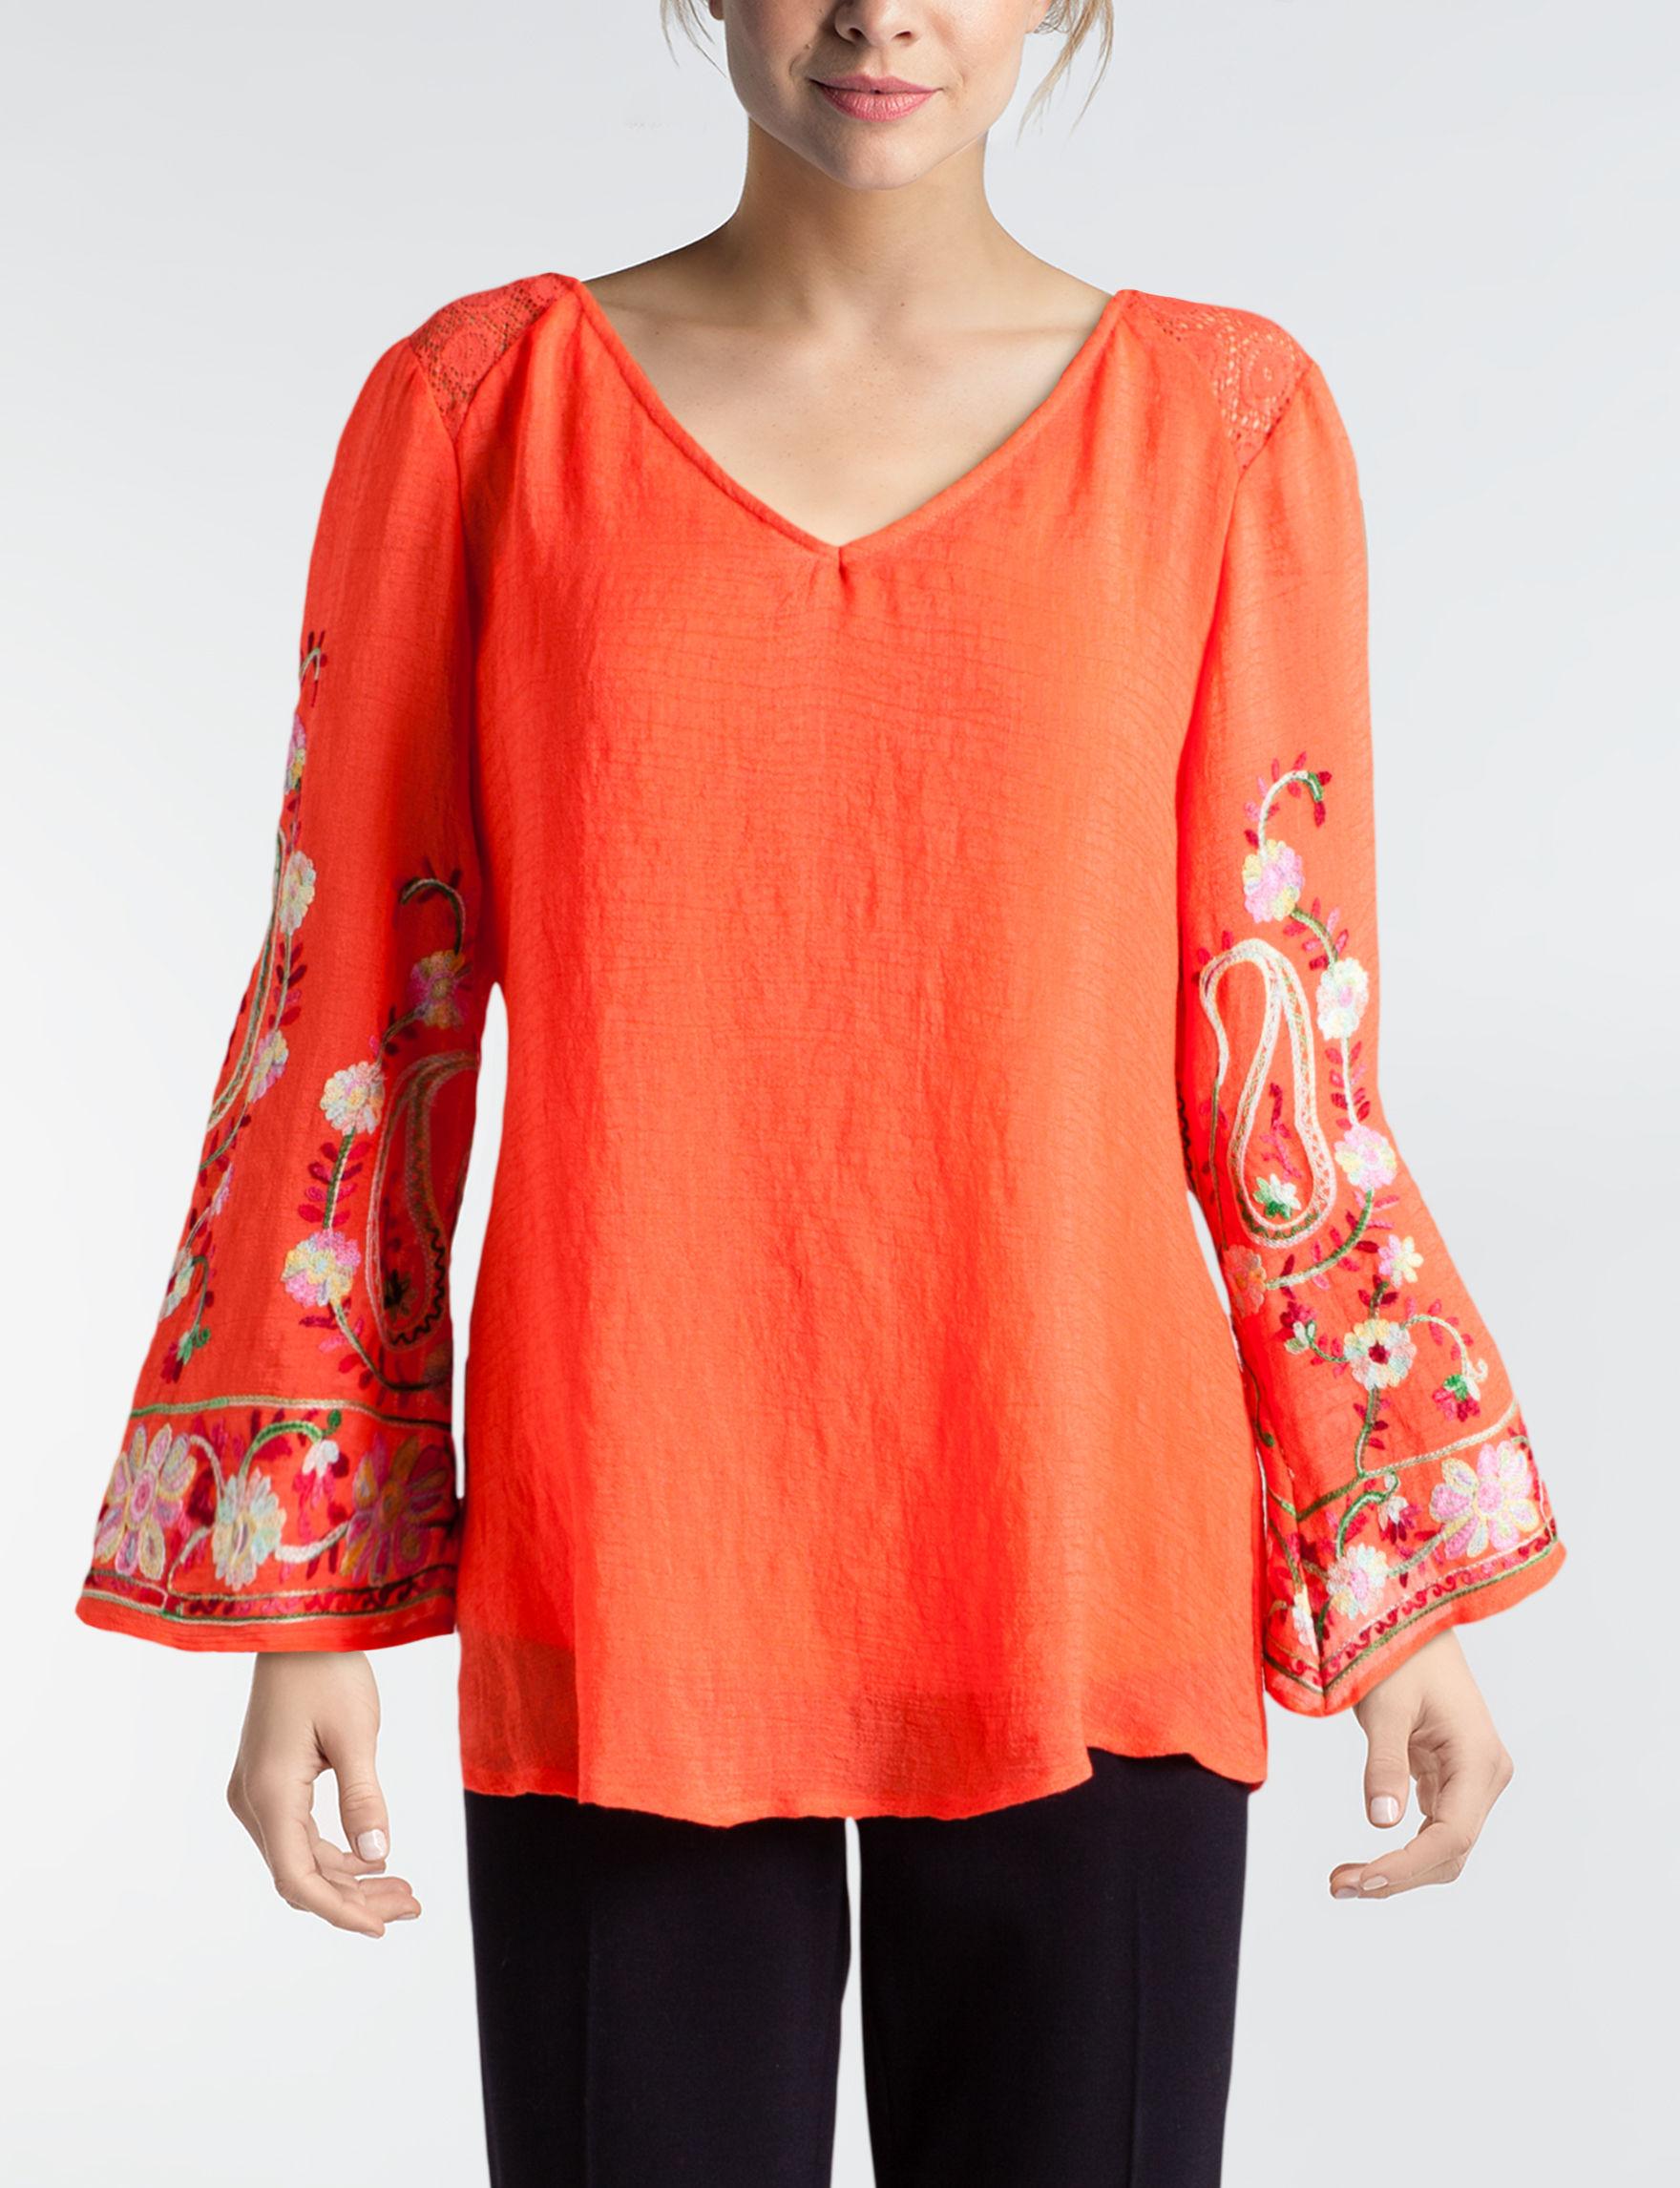 Valerie Stevens Bright Orange Pull-overs Shirts & Blouses